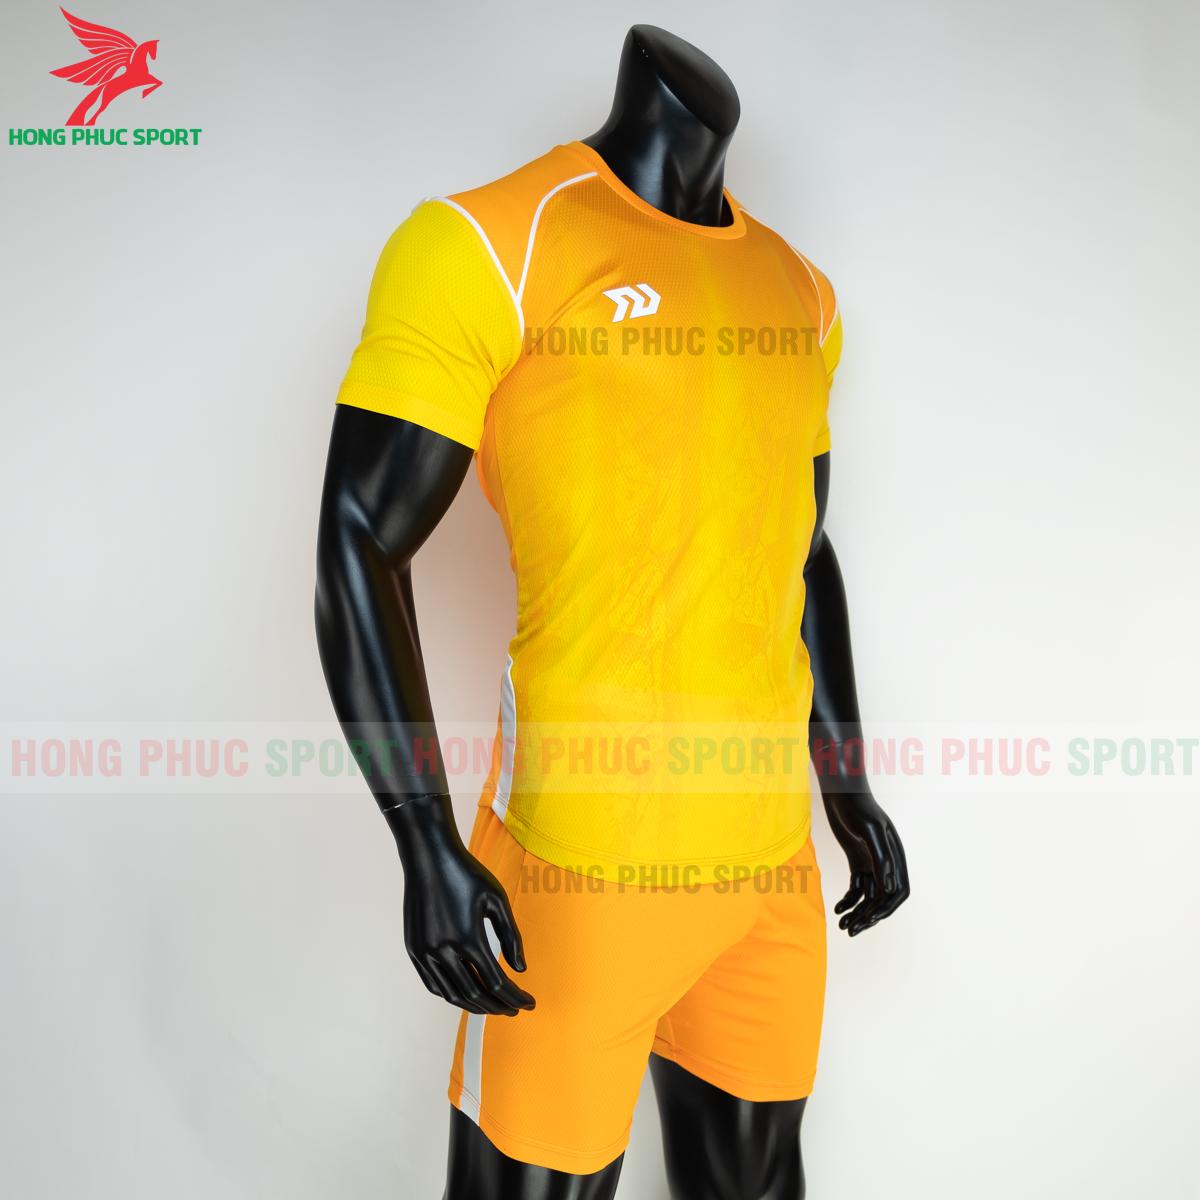 Áo đá banh không logo Bulbal Hades 2021 màu vàng (phải)